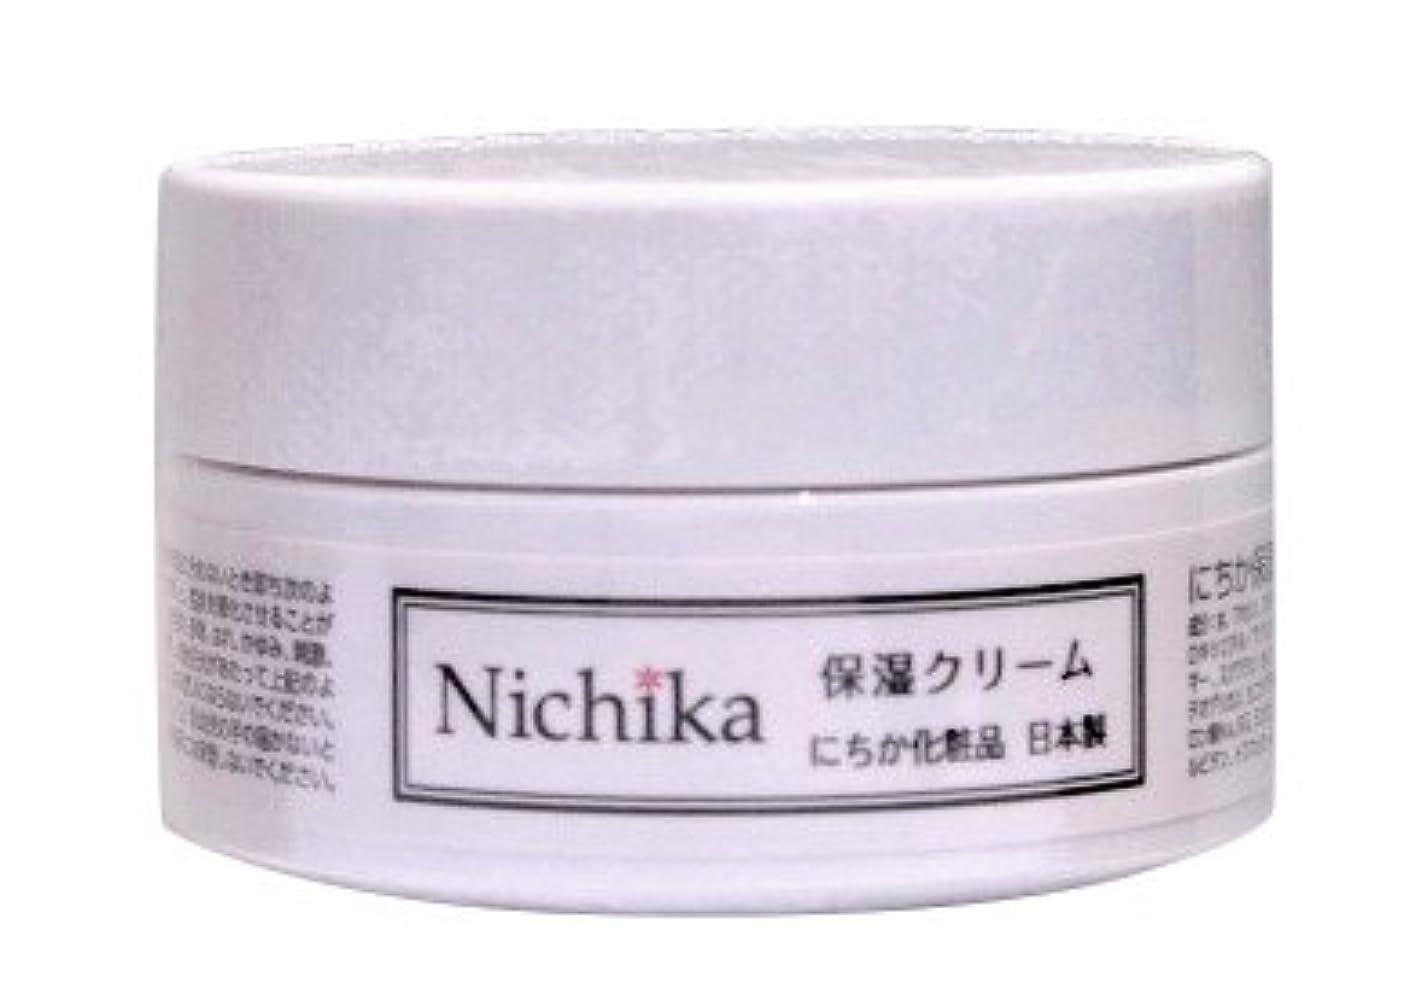 アンペア動かすにちか保湿クリーム  内容量30g 日本製  『ワンランク上の潤いハリ肌』を『リーズナブル』に。  ヒアルロン酸の1.3倍の保水力があるプロテオグリカン配合。 しっとりなじみ,成分がじんわり角質層に浸透 お肌に「ふた」をして潤いを守り、乾燥からお肌を守ります。肌バリア力を強化。「健康肌」をつくり、刺激や紫外線から角質層より深い位置の肌を守ります。 さっぱりとした使用感なのにコクもあり肌に素早く浸透。肌馴染みが良く吸い付くような使用感は今よりワンランク上の肌を目指す方におススメです。